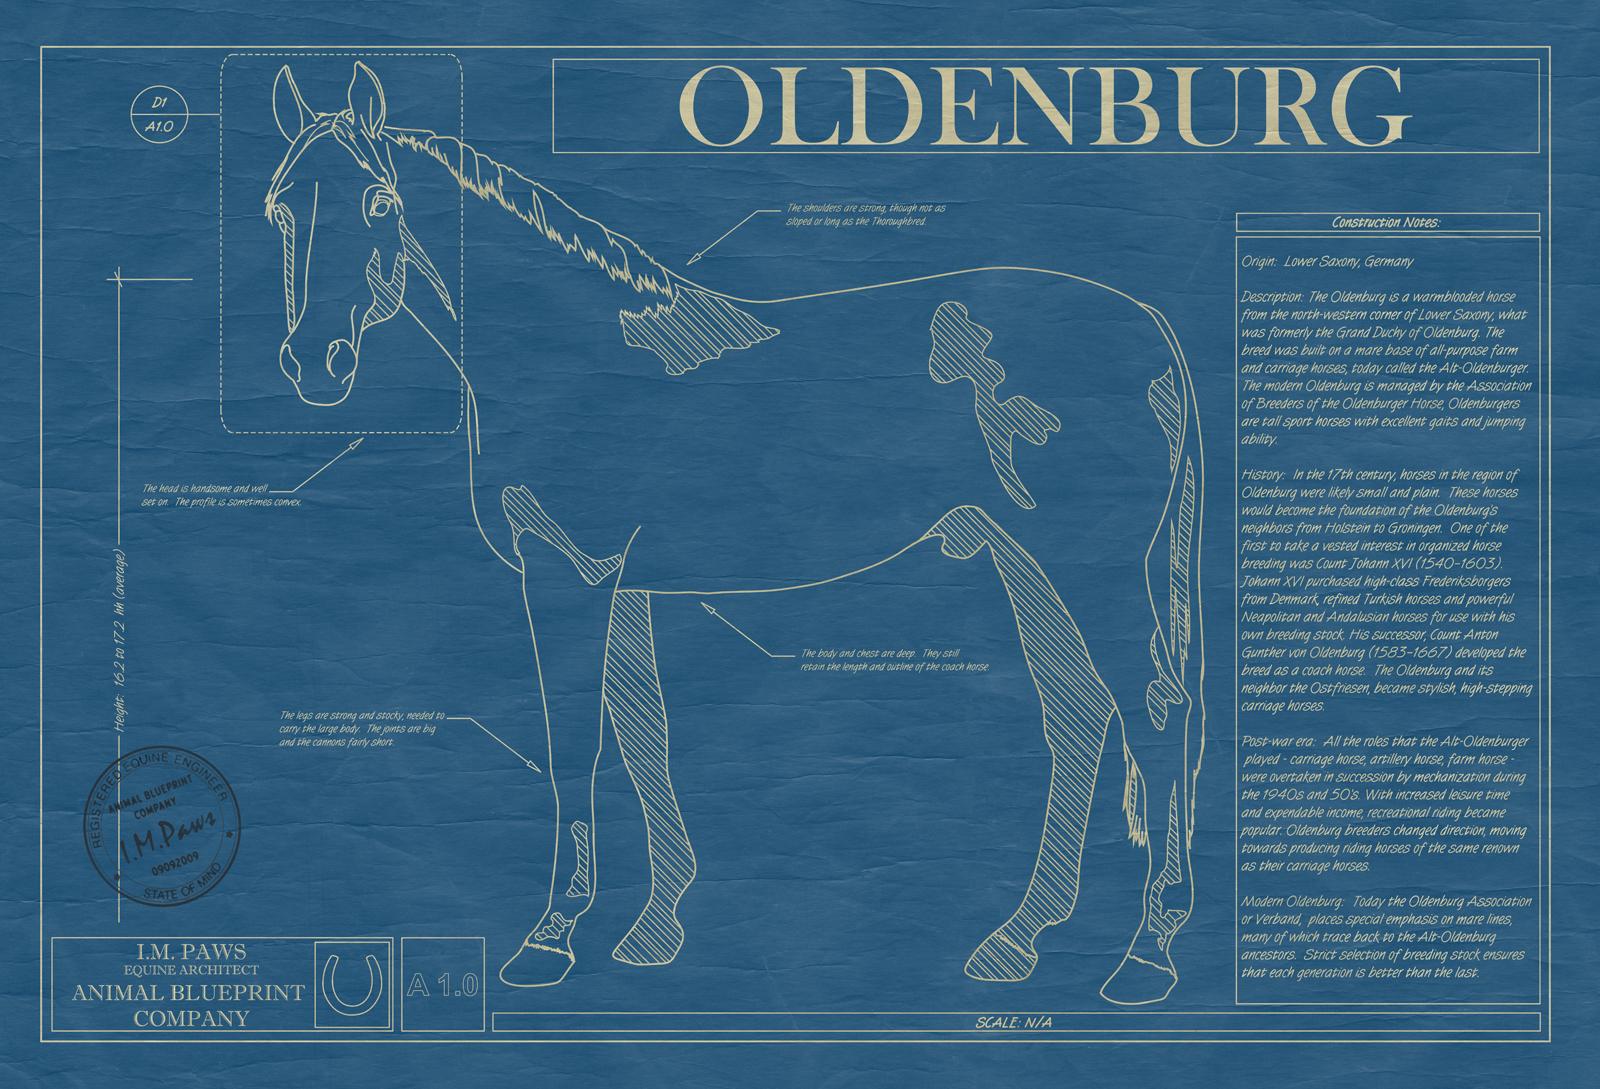 Oldenburg horse animal blueprint company oldenburg horse blueprint malvernweather Choice Image